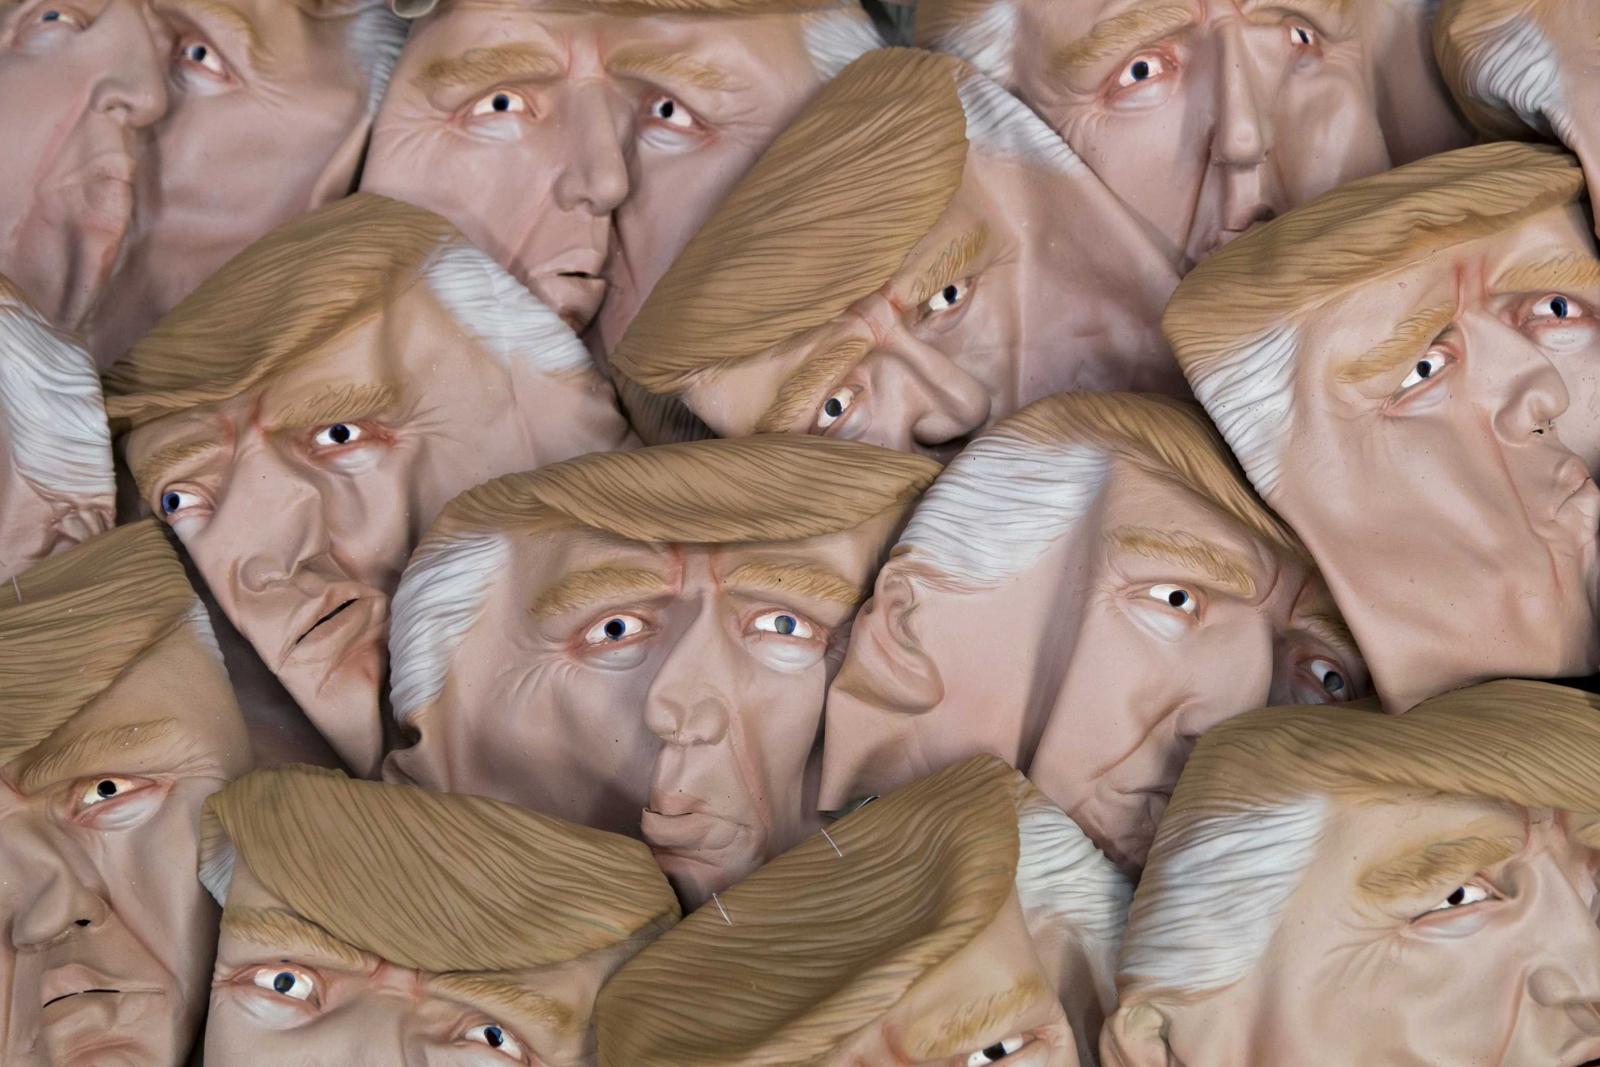 Karnawałowe maski przedstawiające prezydenta Stanów Zjednoczonych Donalda Trumpa, Maastricht, Holandia.